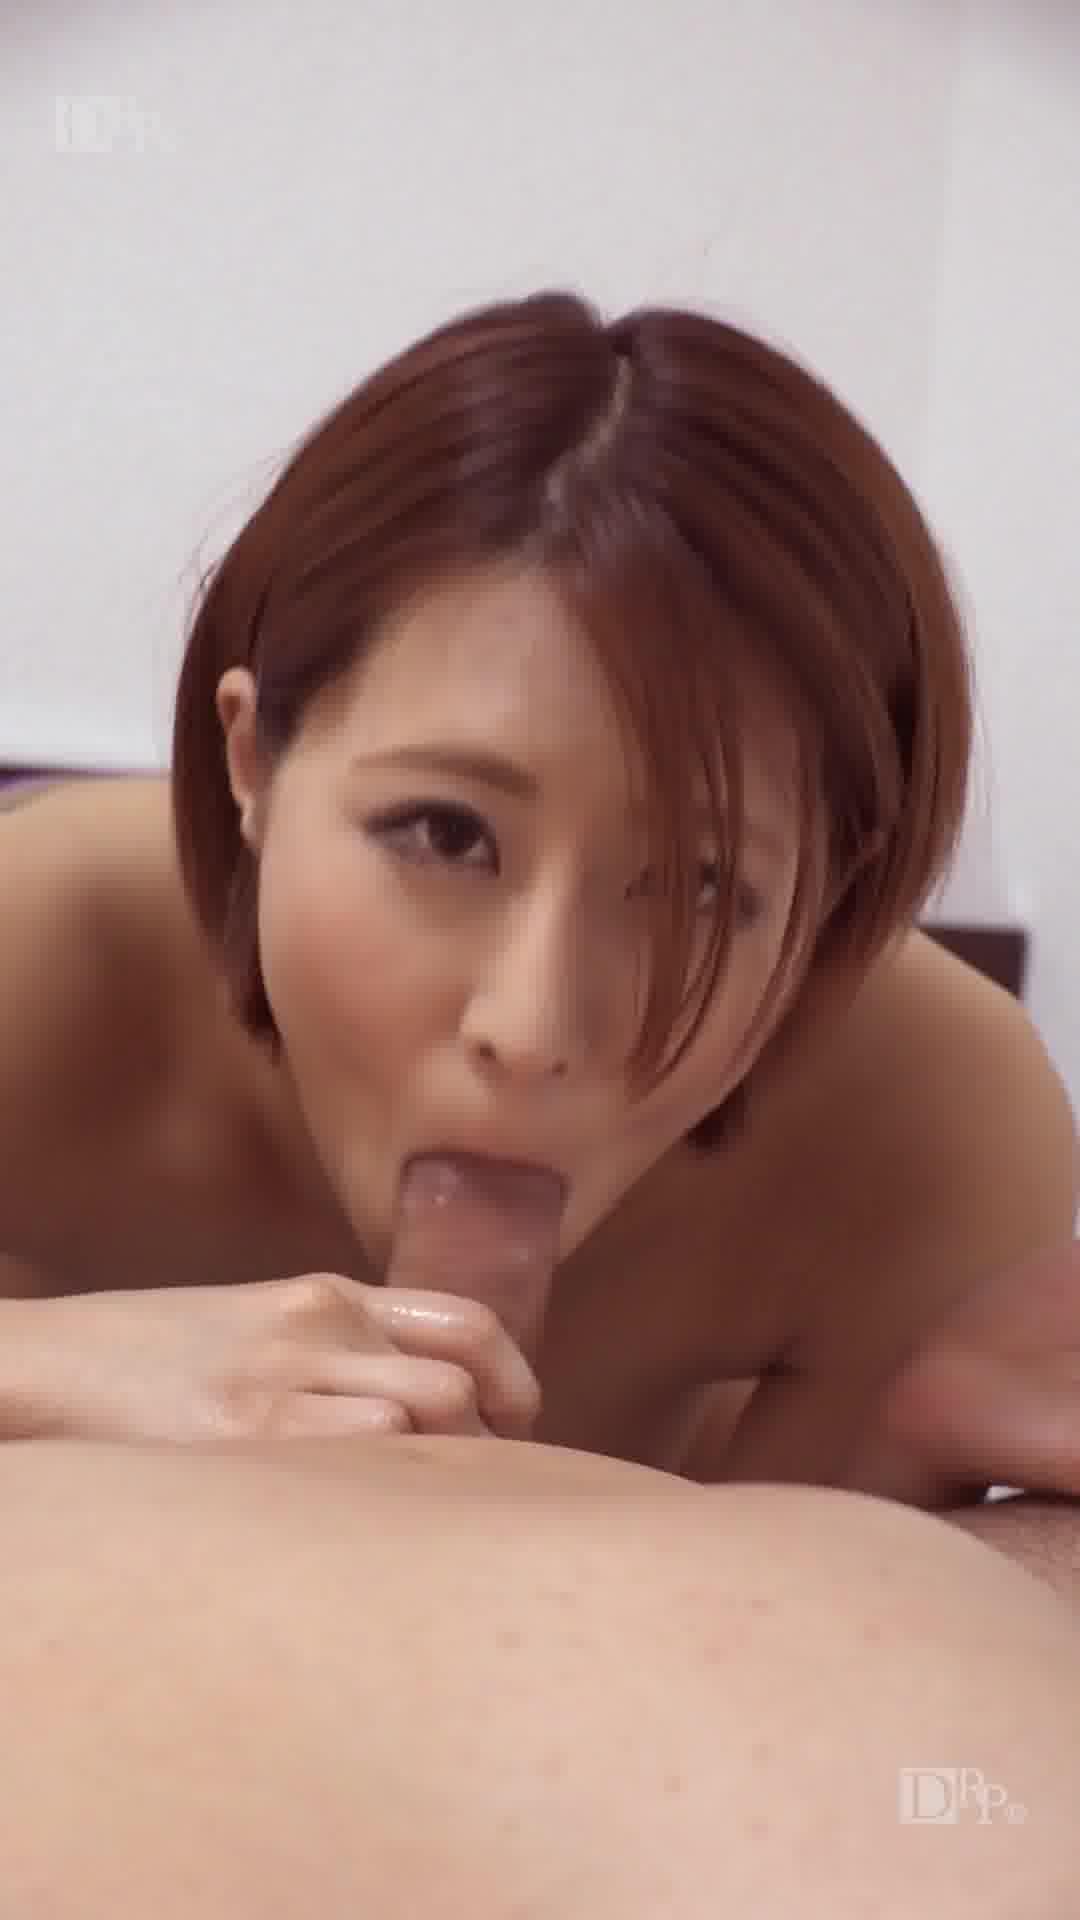 縦型動画 044 ~パイズリフェラ乳首攻めの快感ループ~ - 枢木みかん【美乳・パイズリ・フェラ】